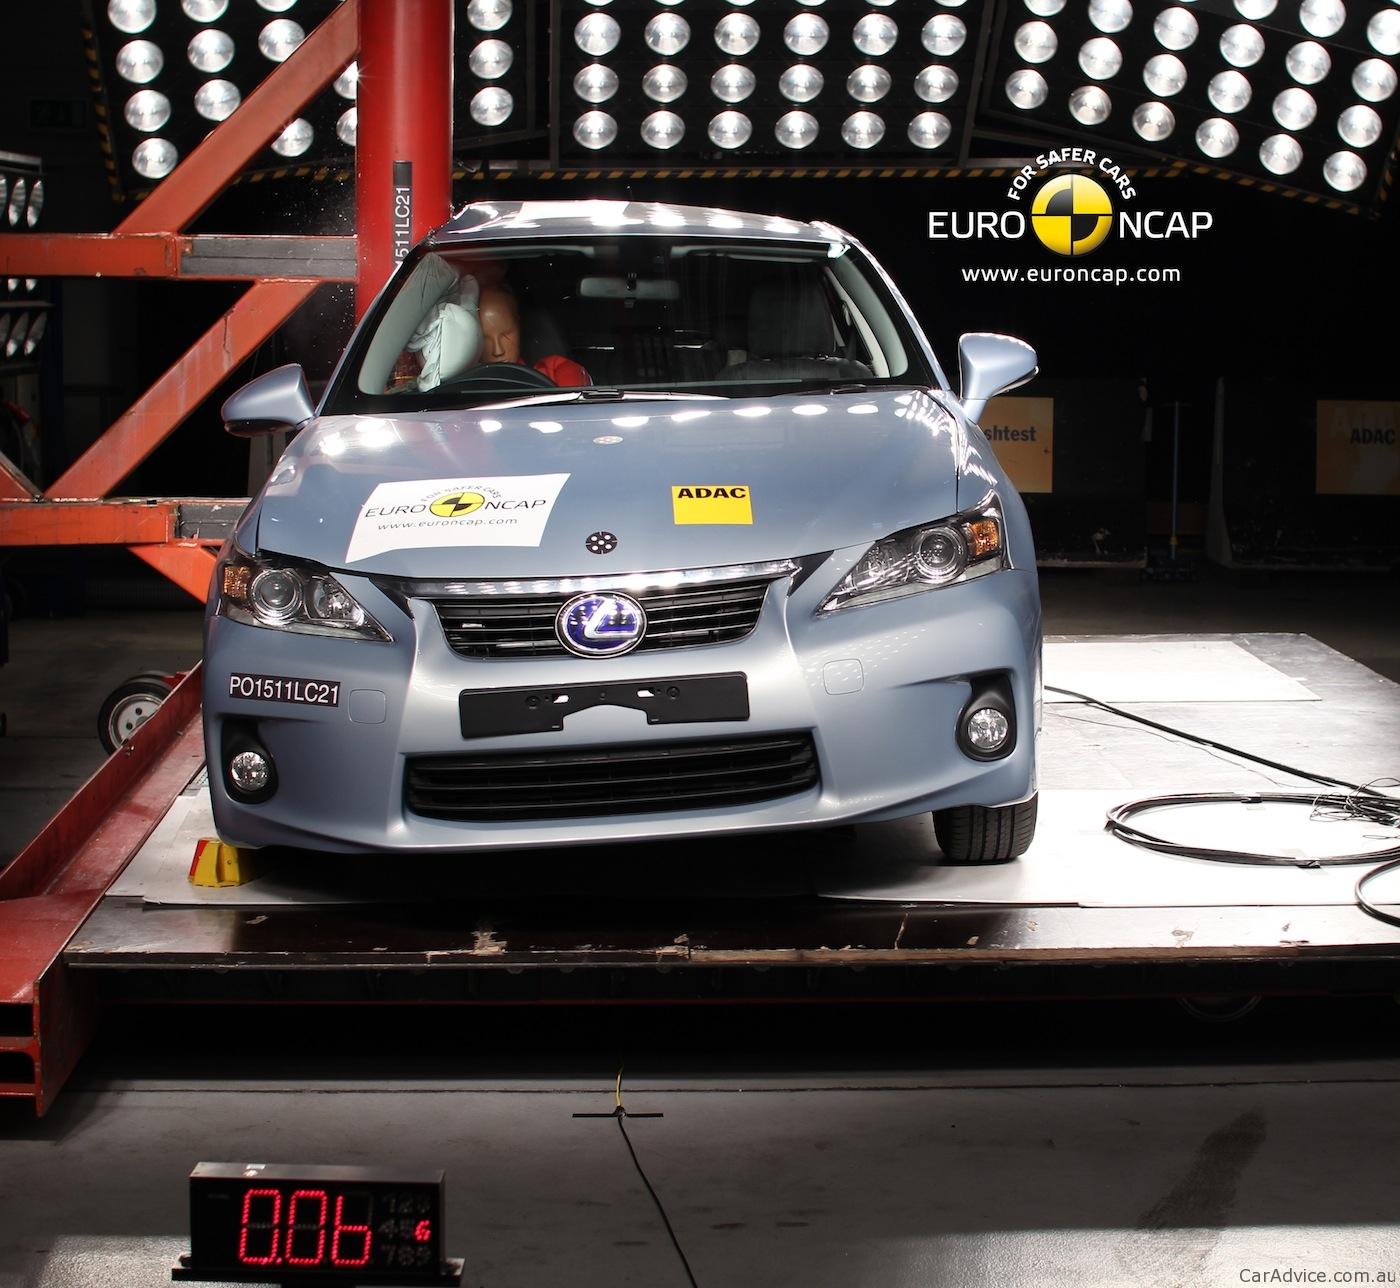 Hyundai Accent Lexus Ct 200h Toyota Rukus Peugeot 508 Volvo V60